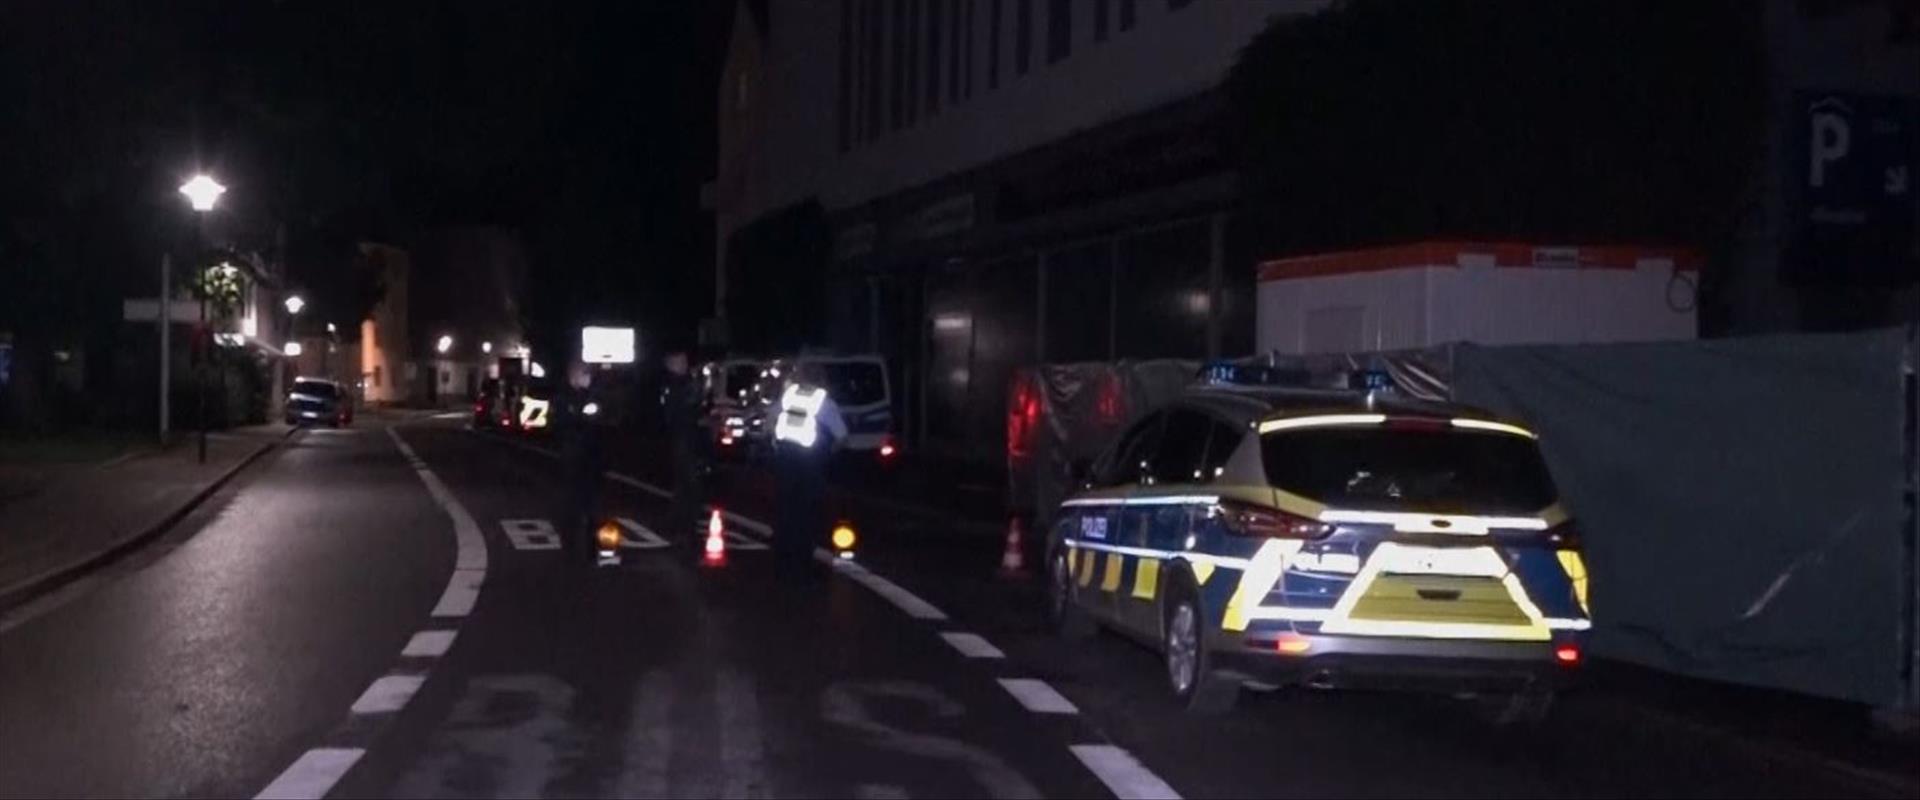 משטרה מול בית כנסת בהאגן, גרמניה - יום כיפור 16.9.